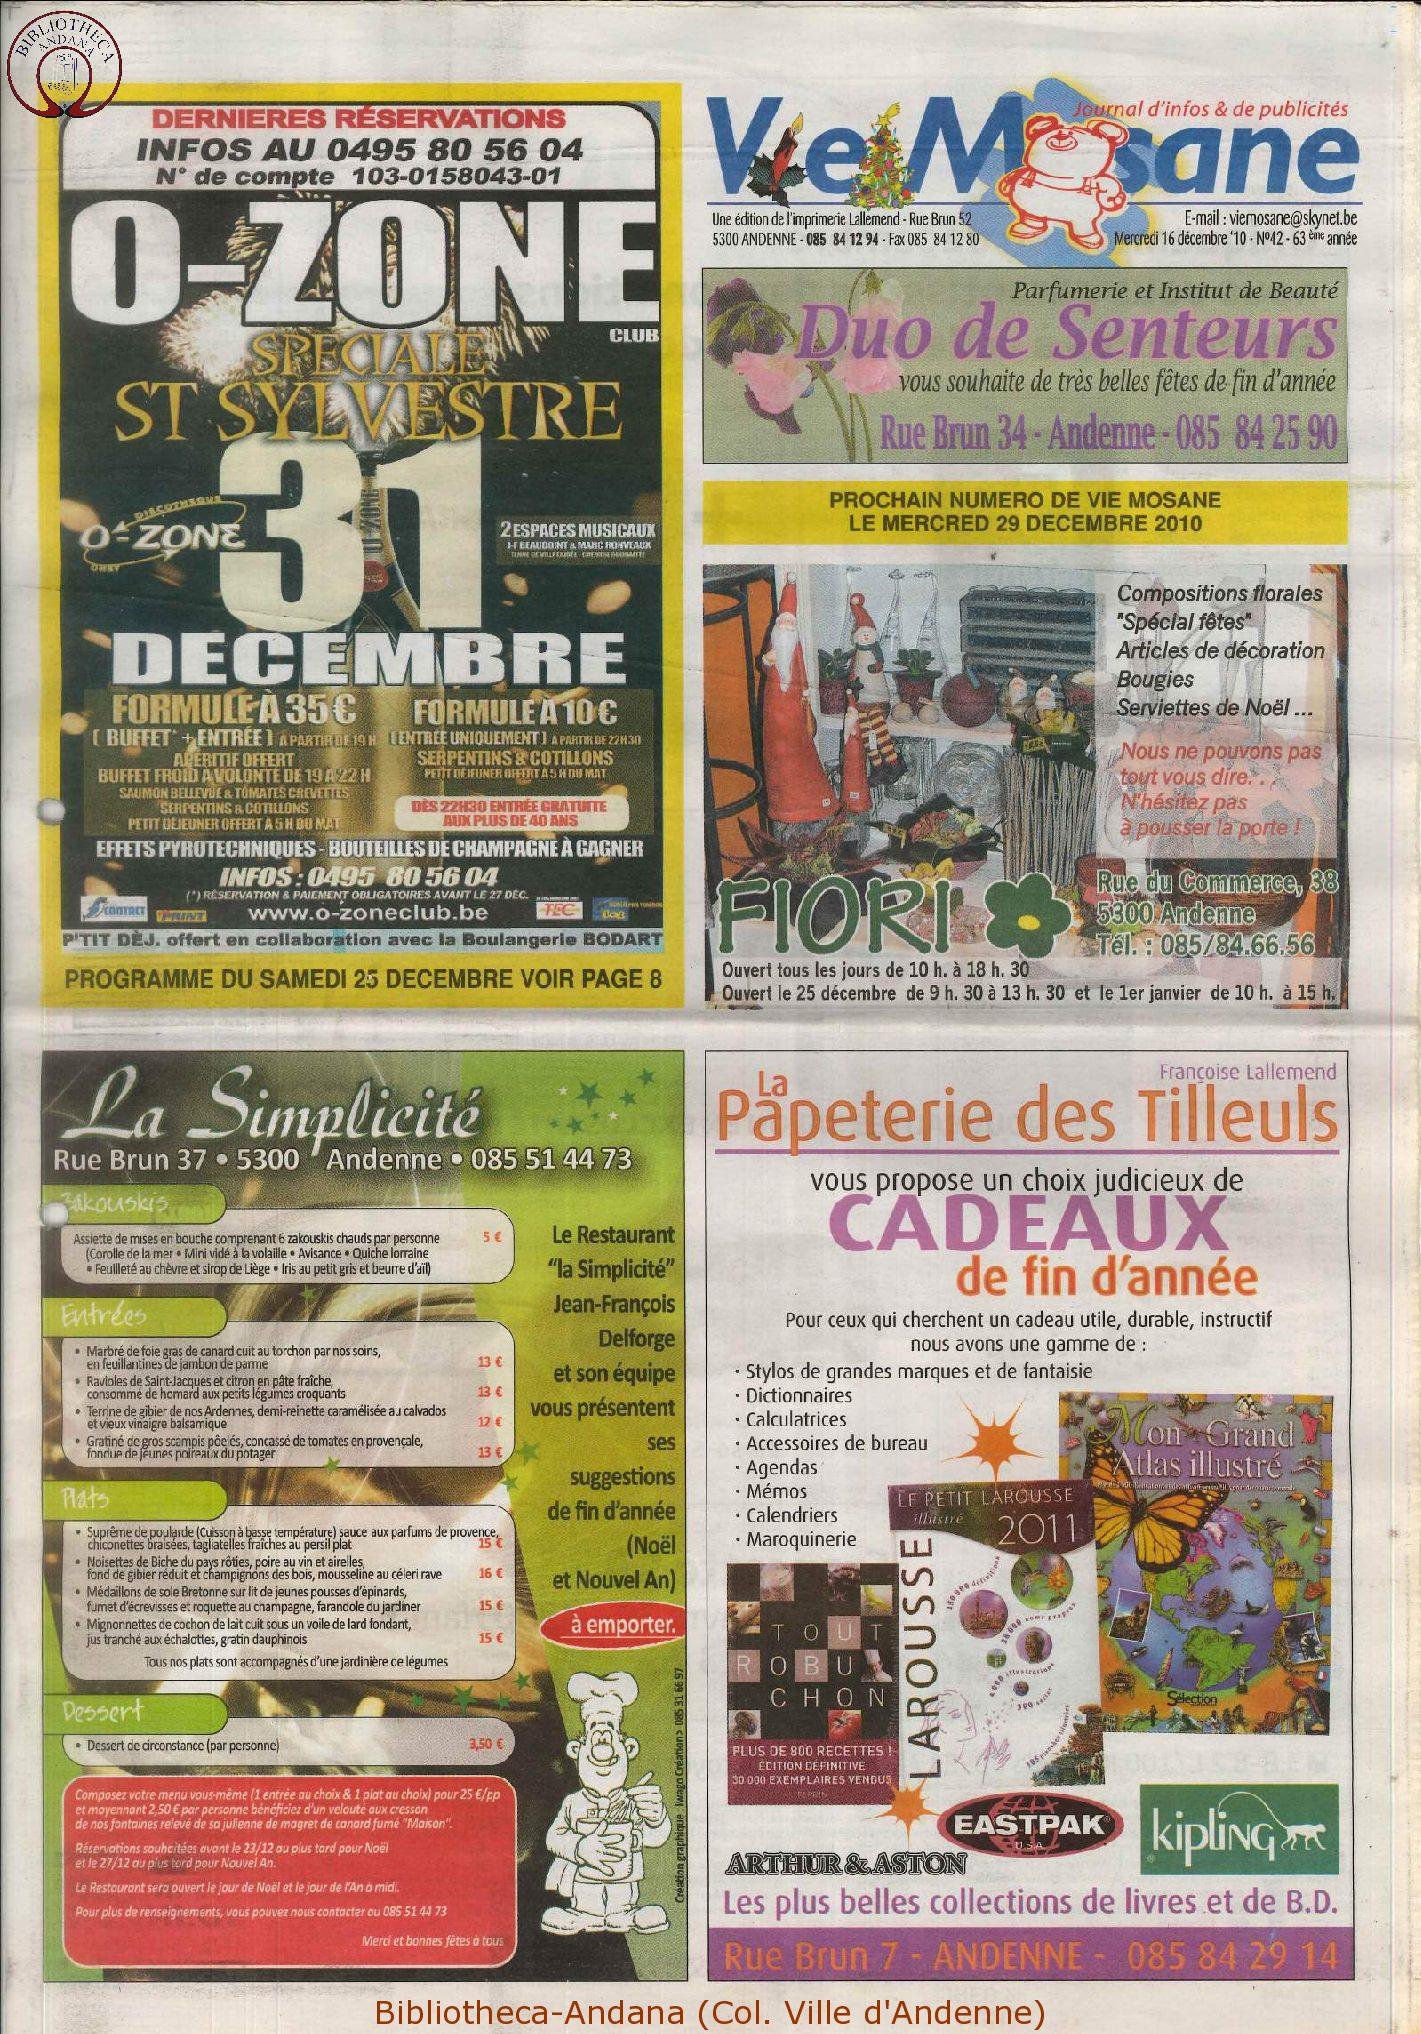 63e année - n°42 - 16 décembre 2010